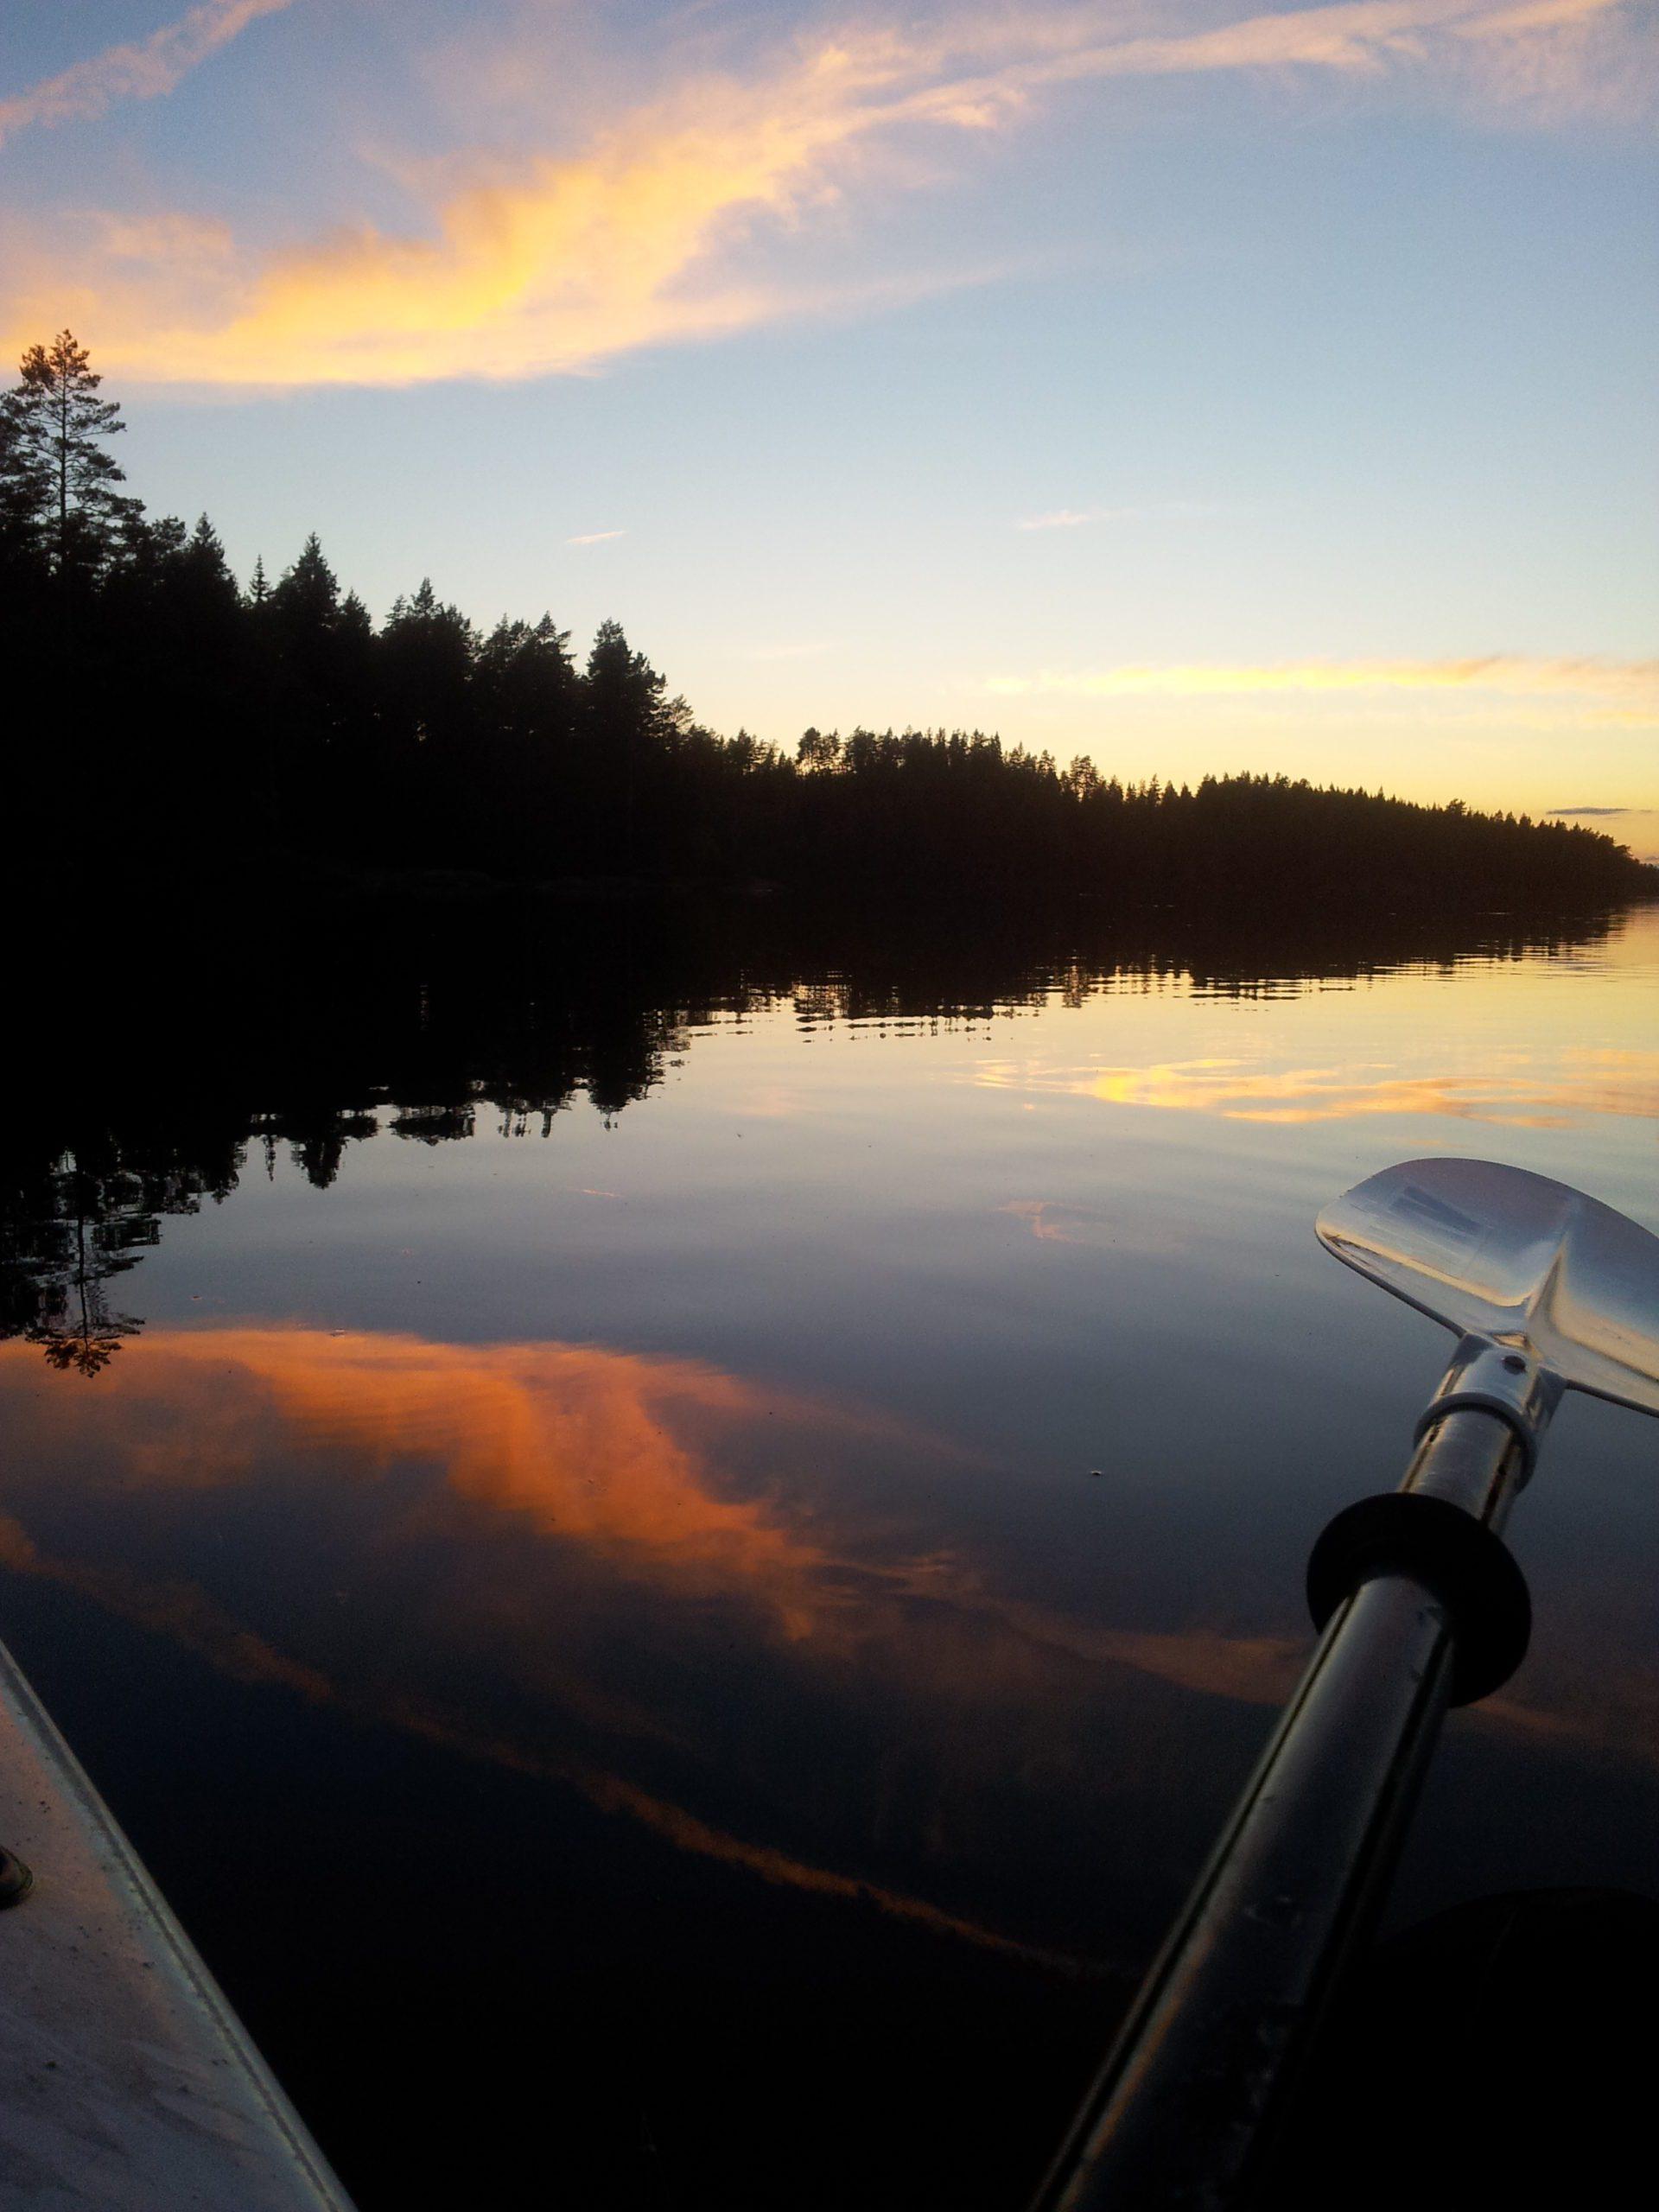 Paddelåra i sjö längs nattsvart skog